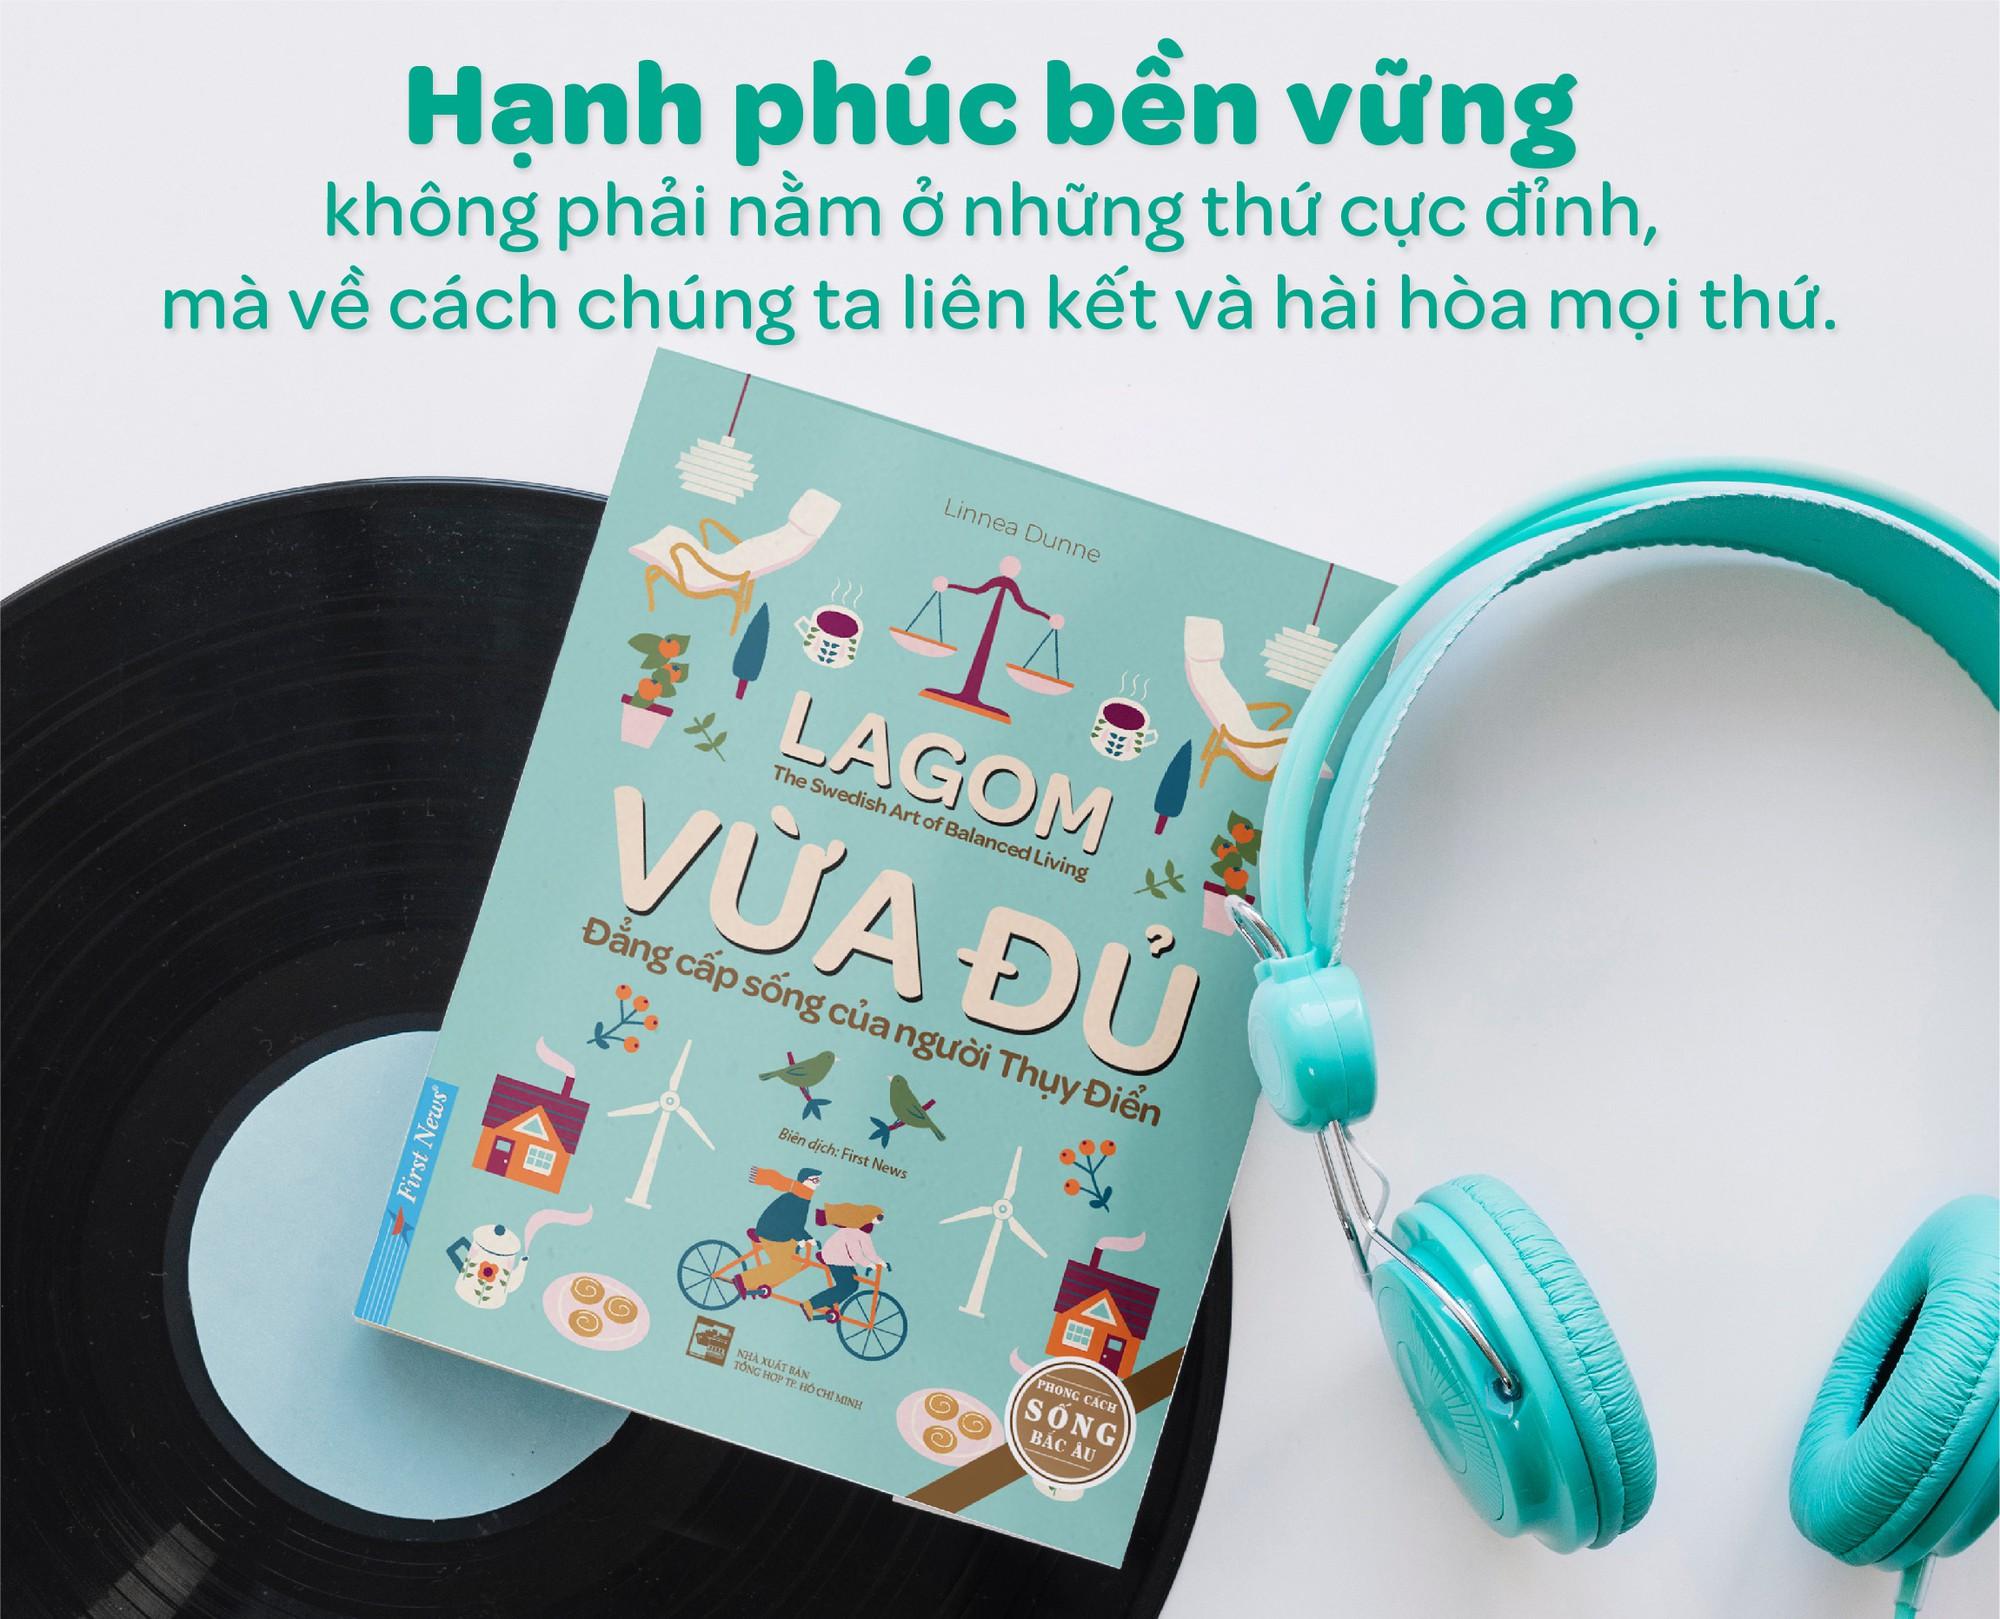 lagom - 22222222222222 155773812033525093289 - Học cách nói chuyện Lagom, lùi lại một bước để học cách lắng nghe